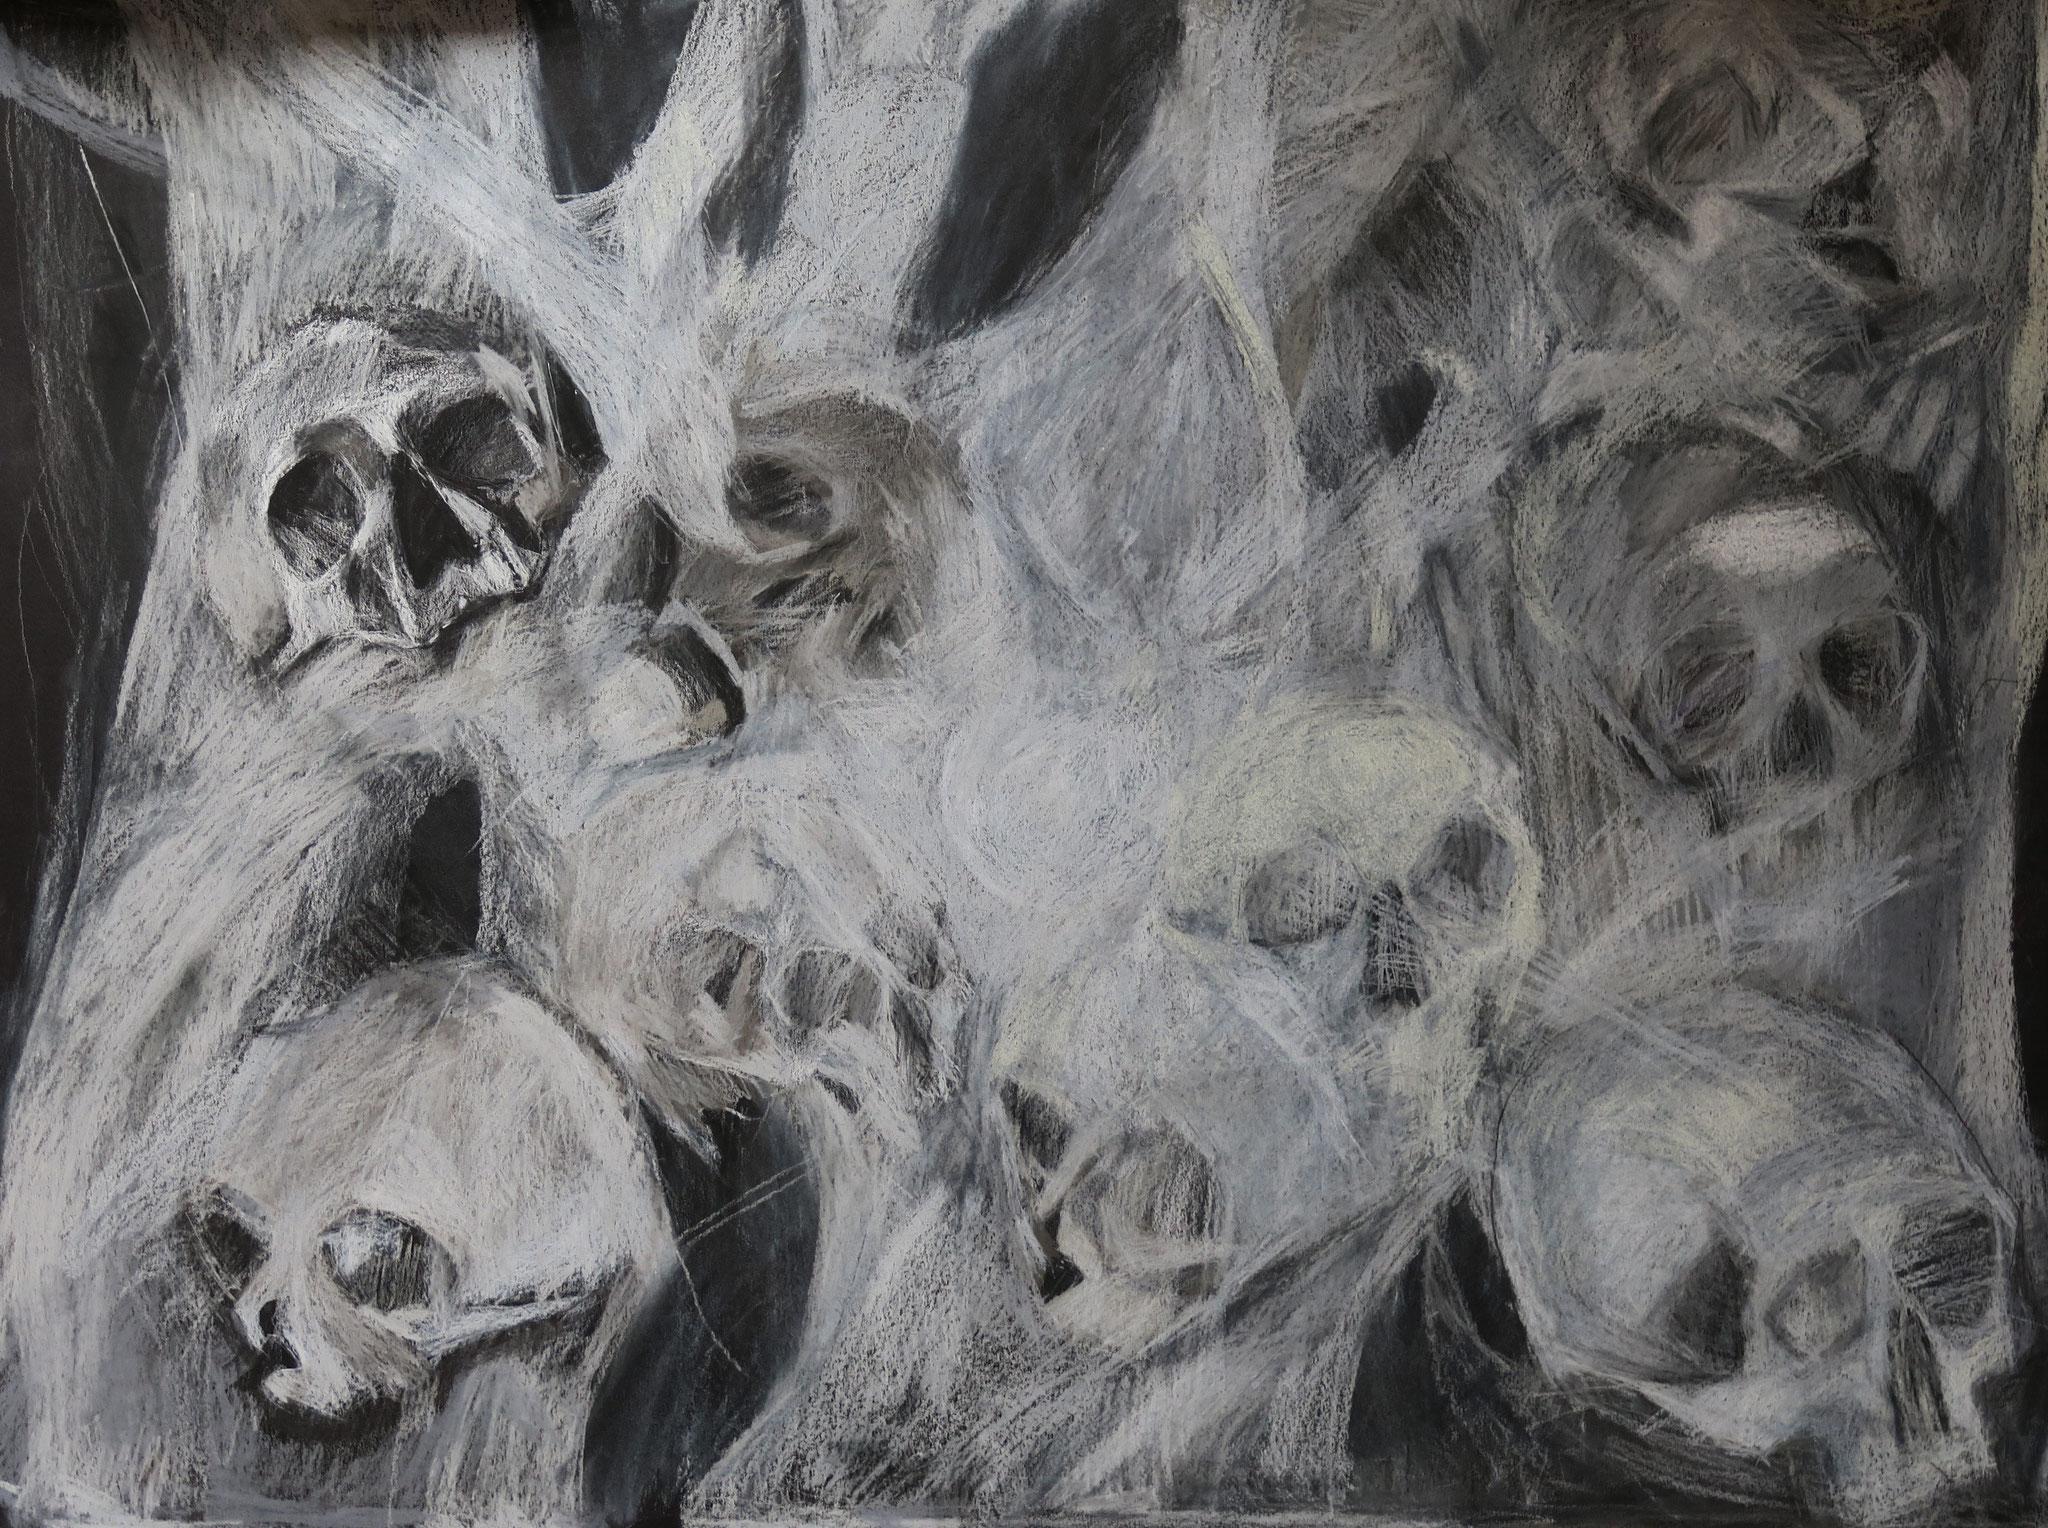 Sans titre, crayon sur papier, 2017, 50 x 65 cm